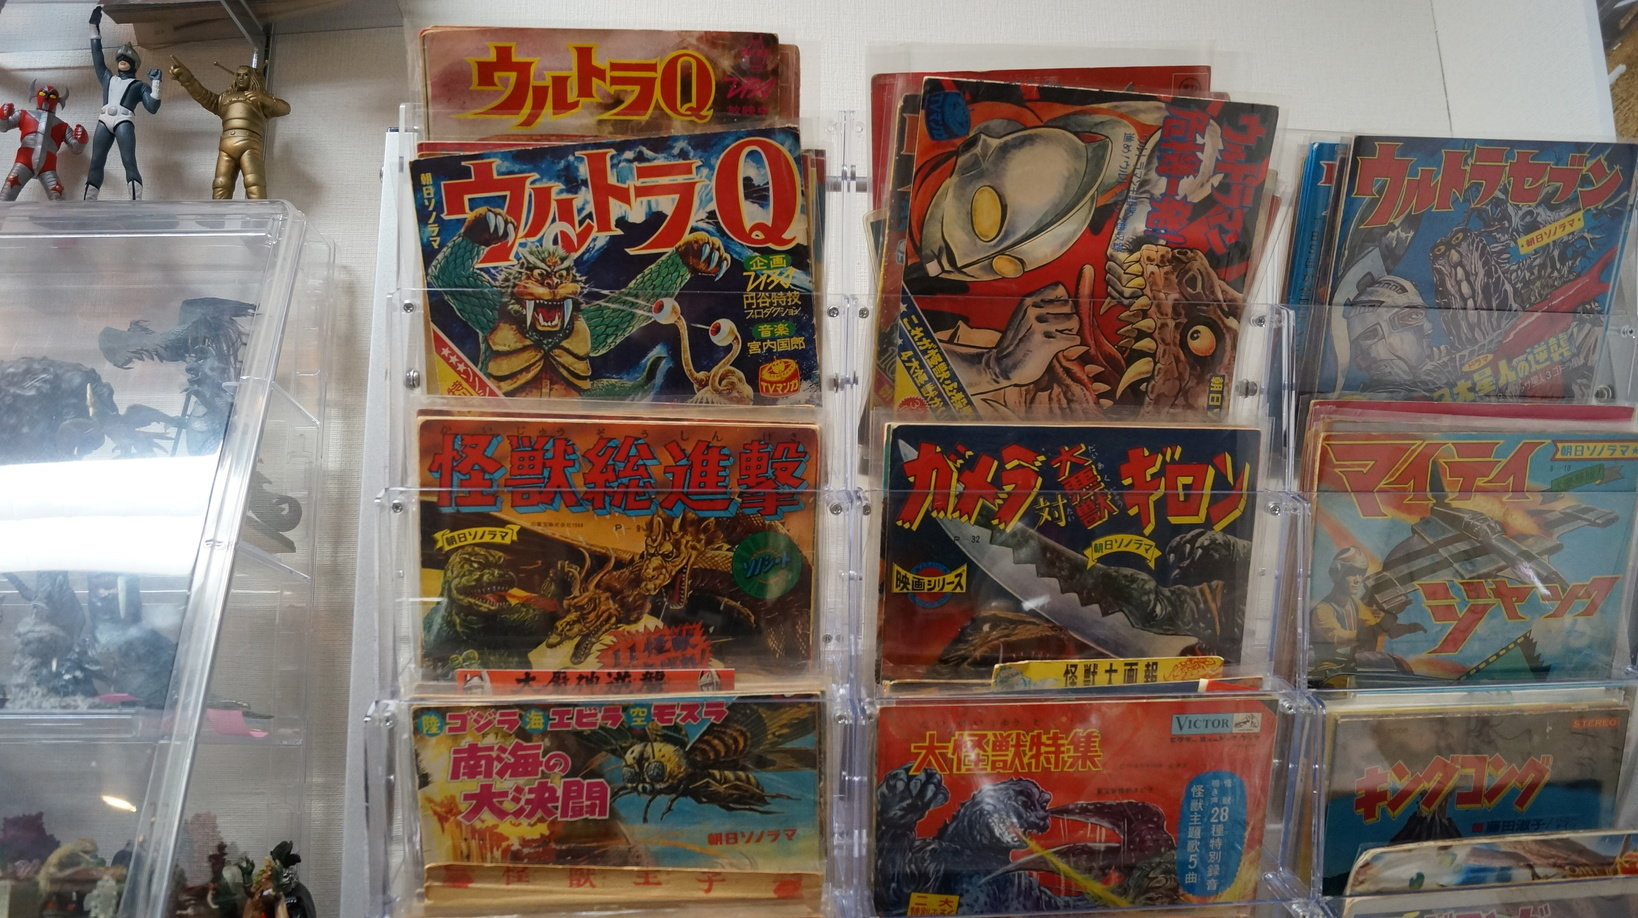 小学生時代から集めているソノシート。中には数万円もする貴重な物もあります